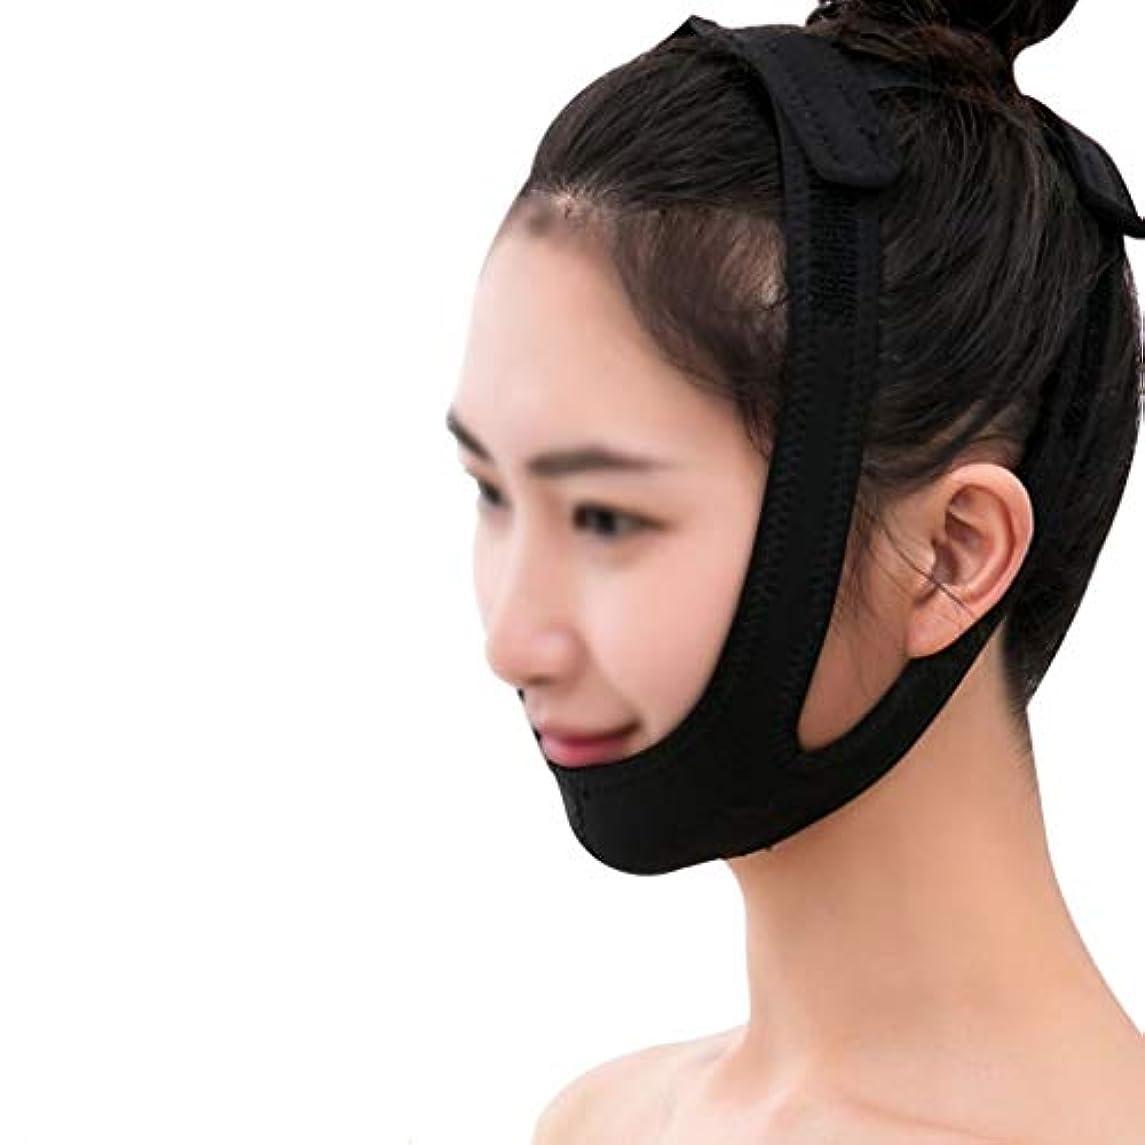 連続的どうやら虚弱フェイシャルリフティングマスク、医療用ワイヤーカービングリカバリーヘッドギアVフェイスバンデージダブルチンフェイスリフトマスクブラック